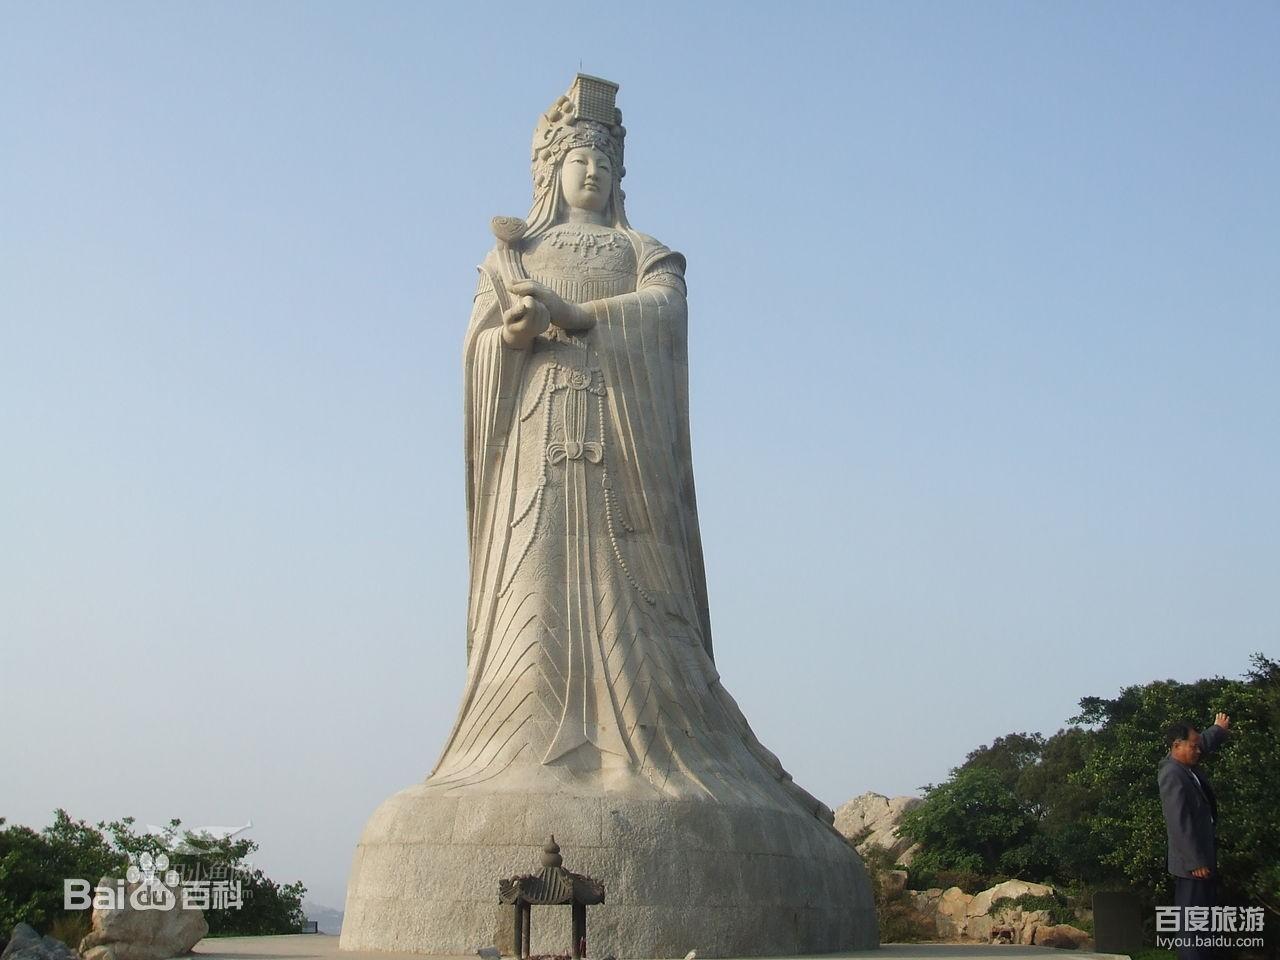 我相信大部分人跟我一样,去湄洲岛主要是为了拜妈祖,看美景,求平安.